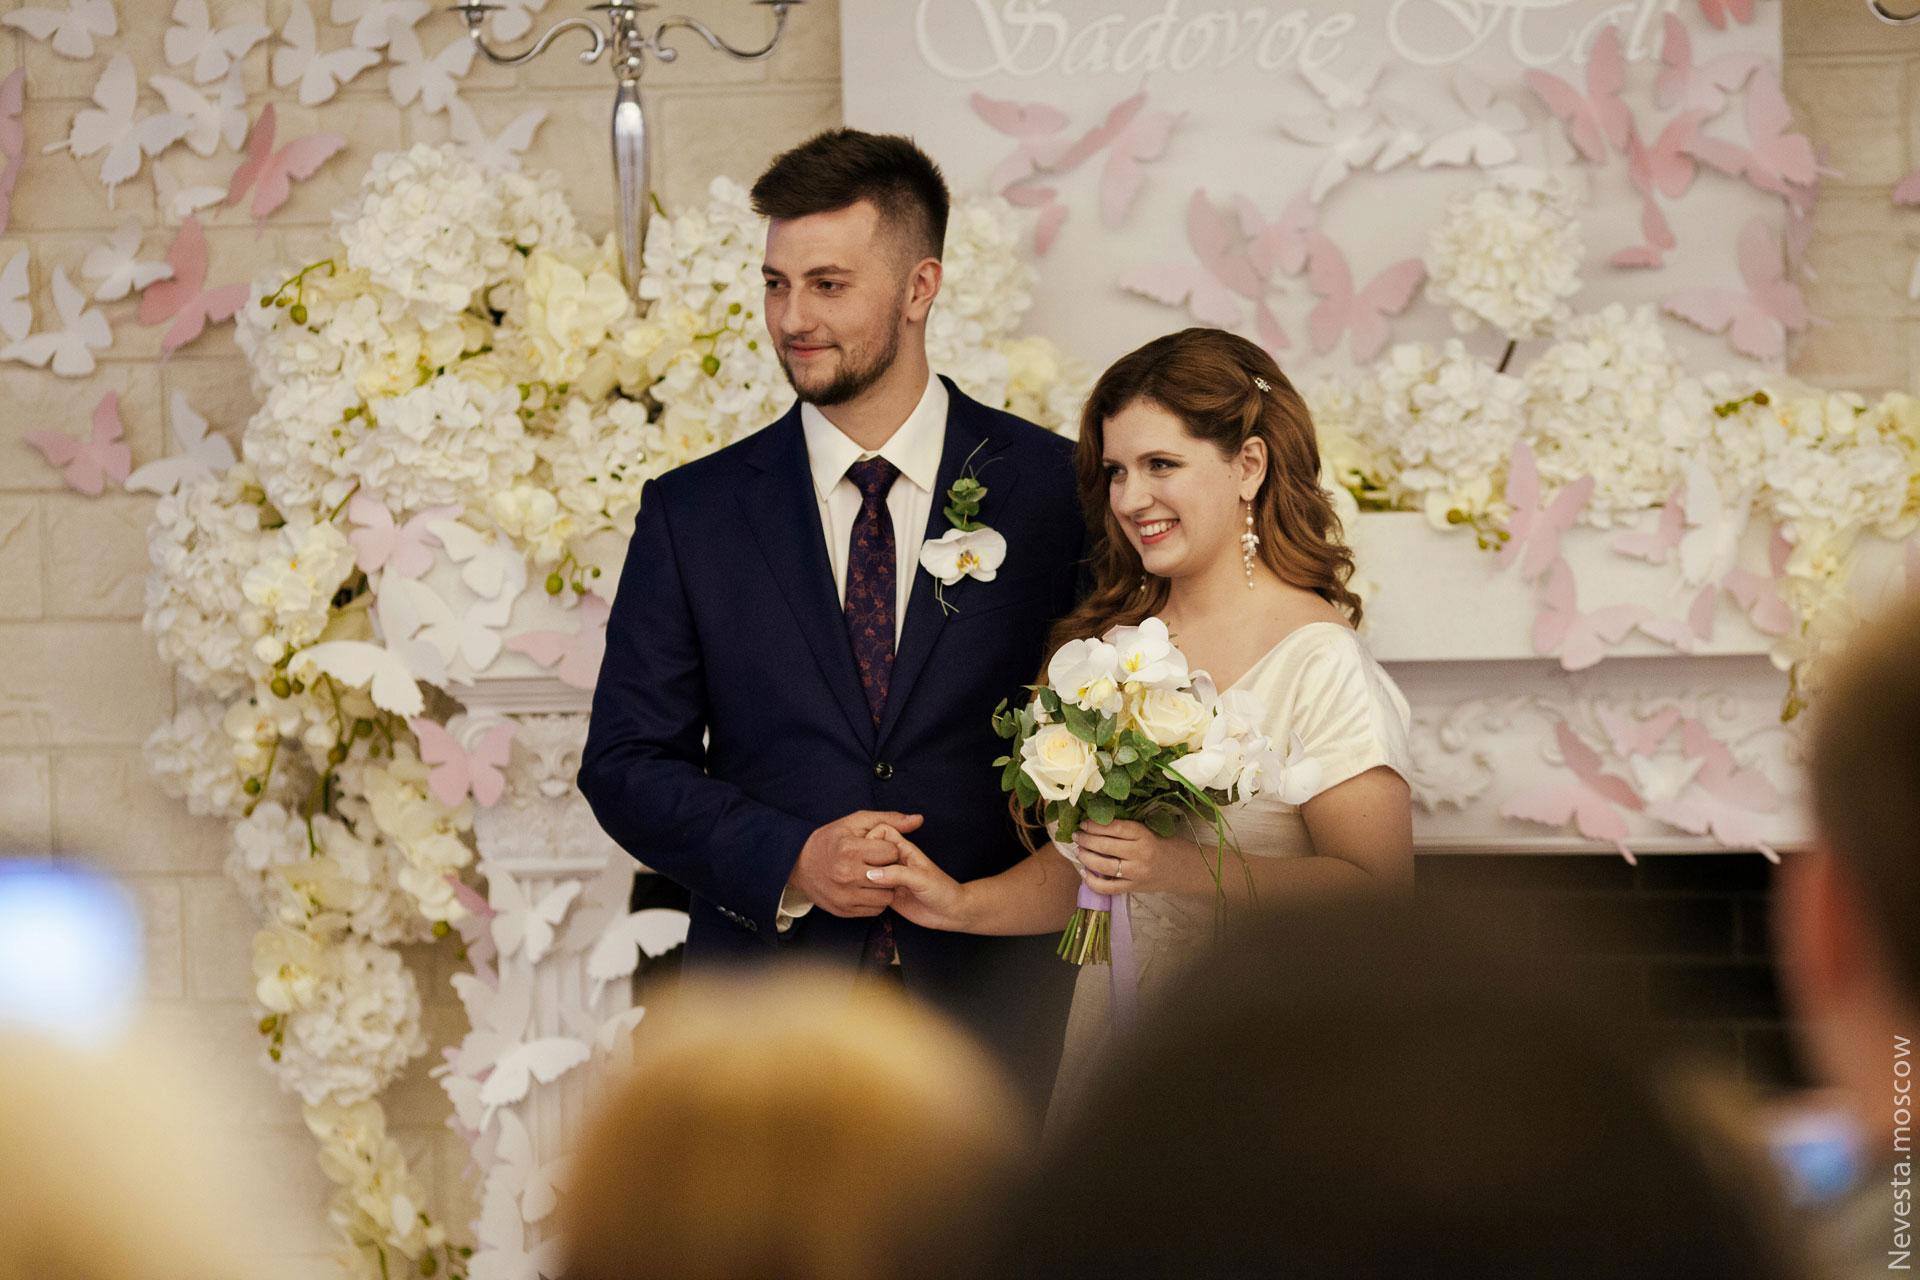 Свадьба Анастасии Денисовой и Богдана  фото 18